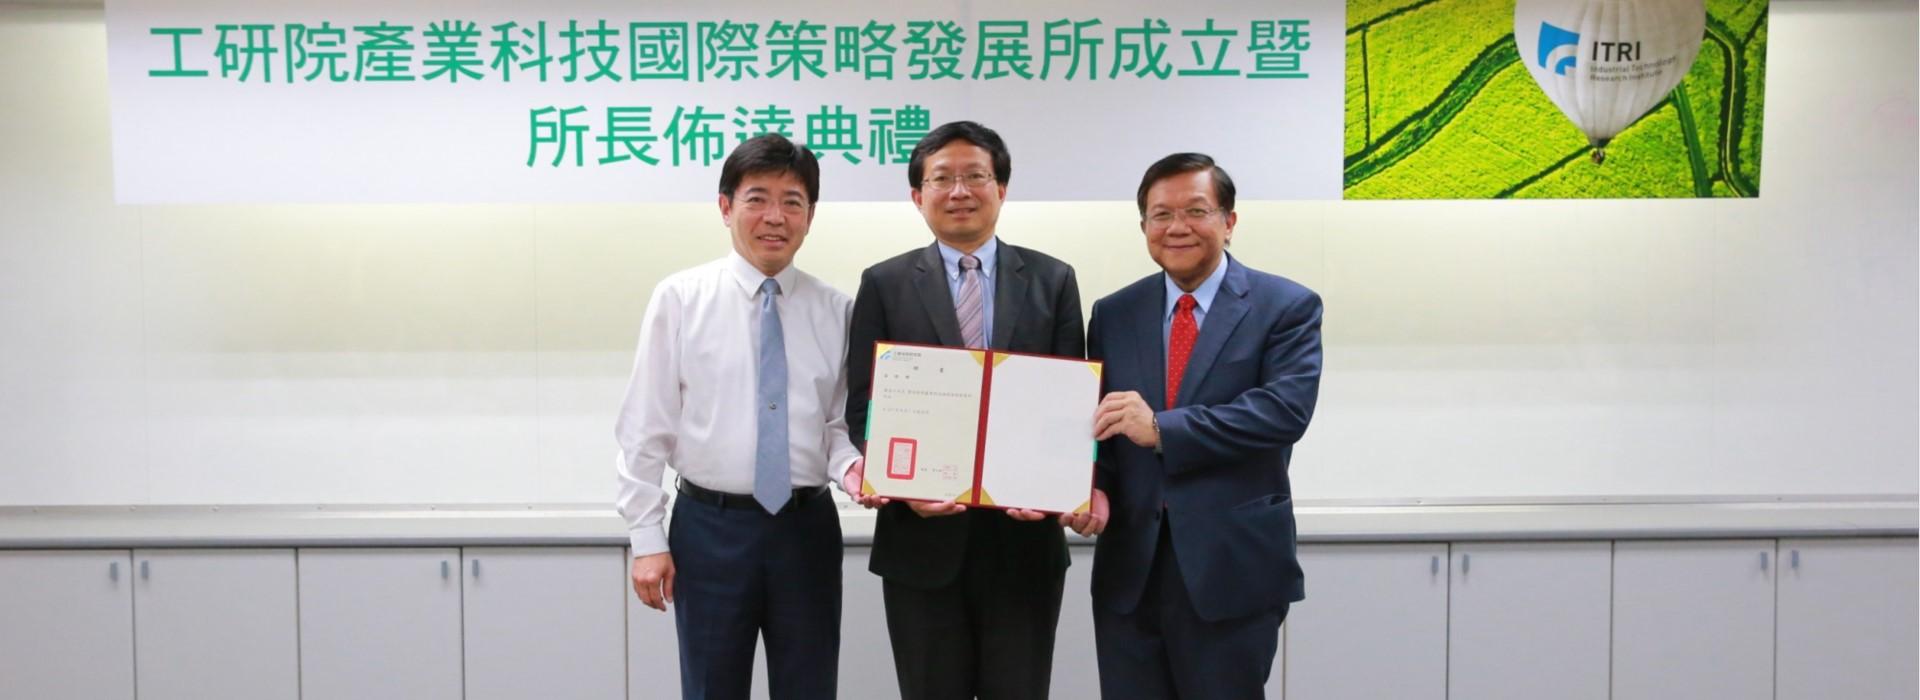 工研院成立產業科技國際策略發展所 佈達新任所長蘇孟宗 協助台灣科技研發與國際先進研究機構深化連結